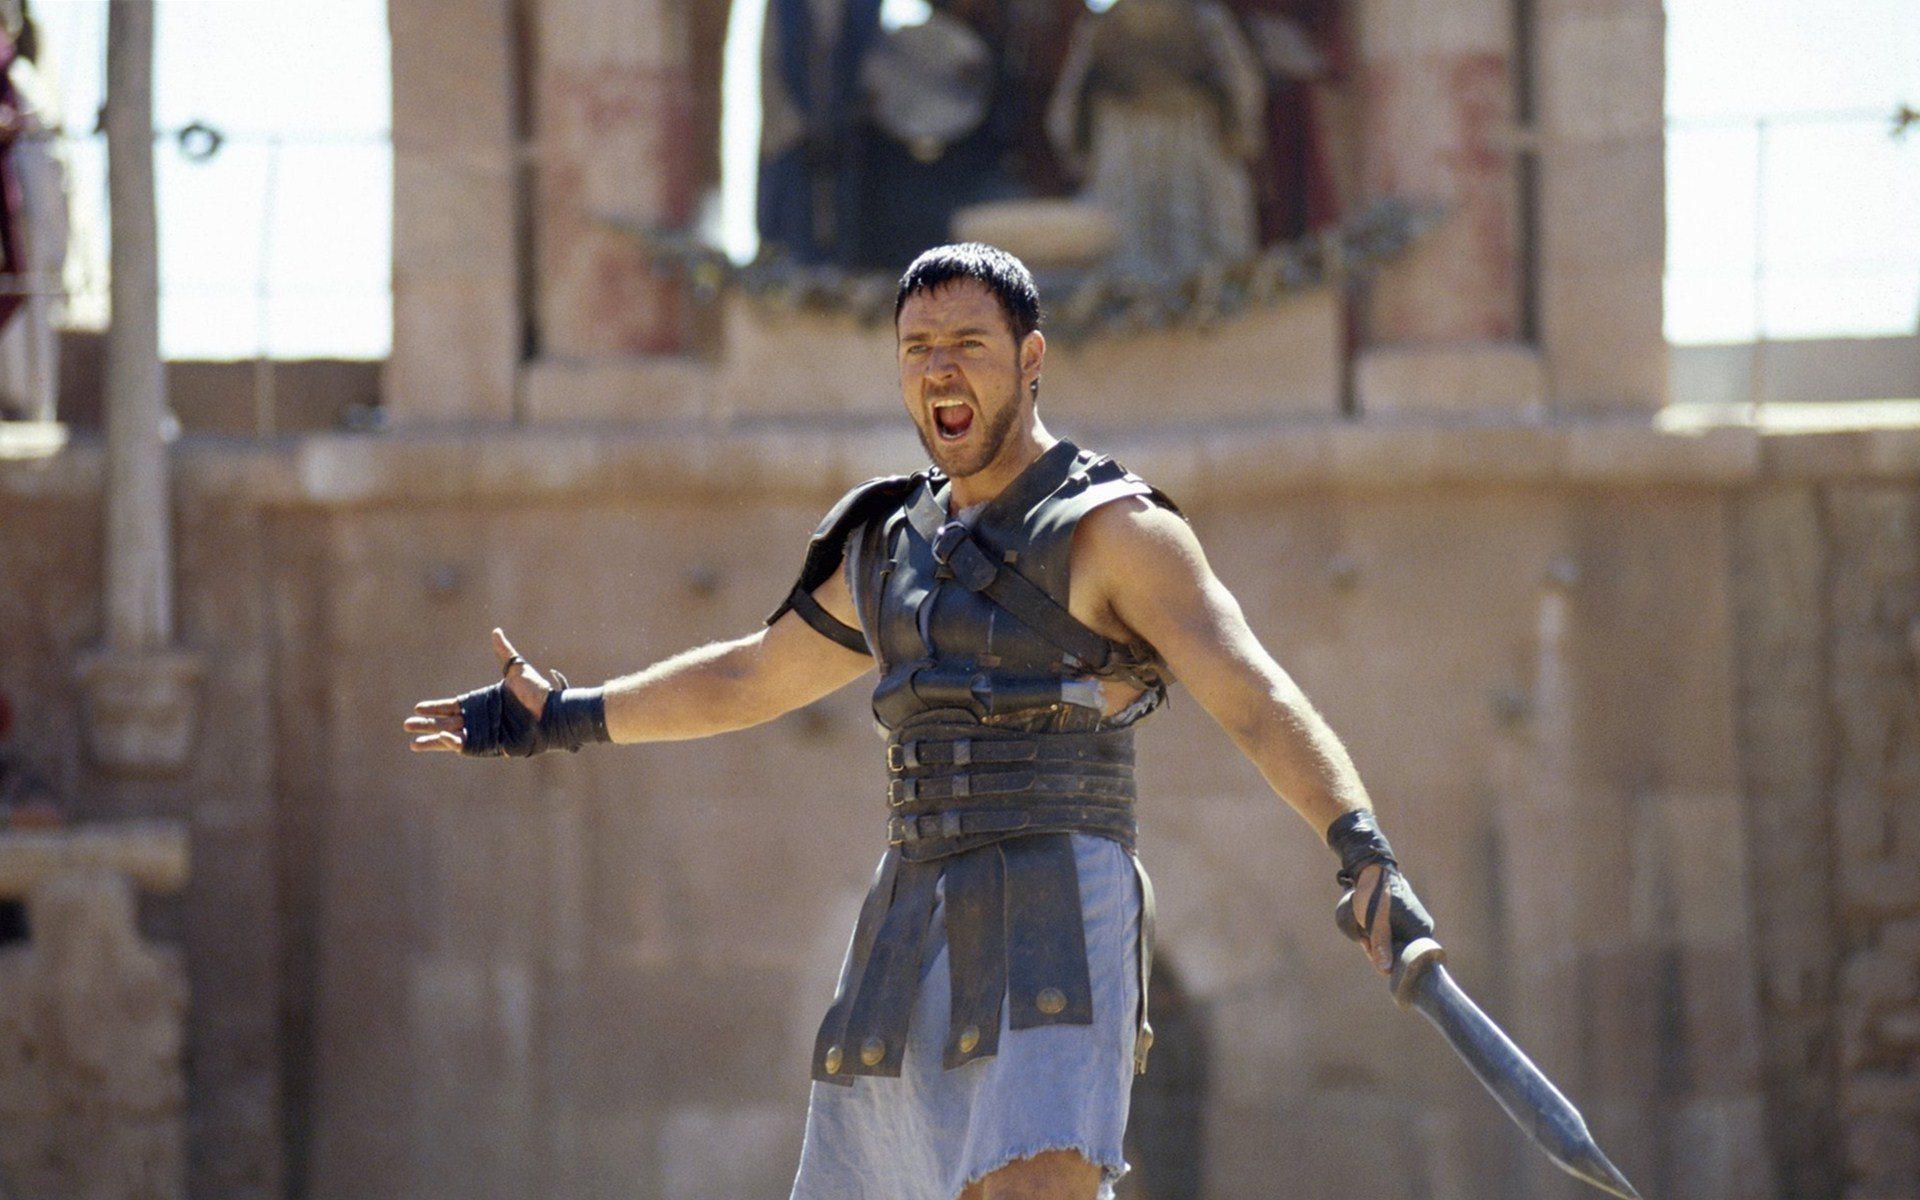 Elysium Fields Gladiator 40511 | NEWSMOV